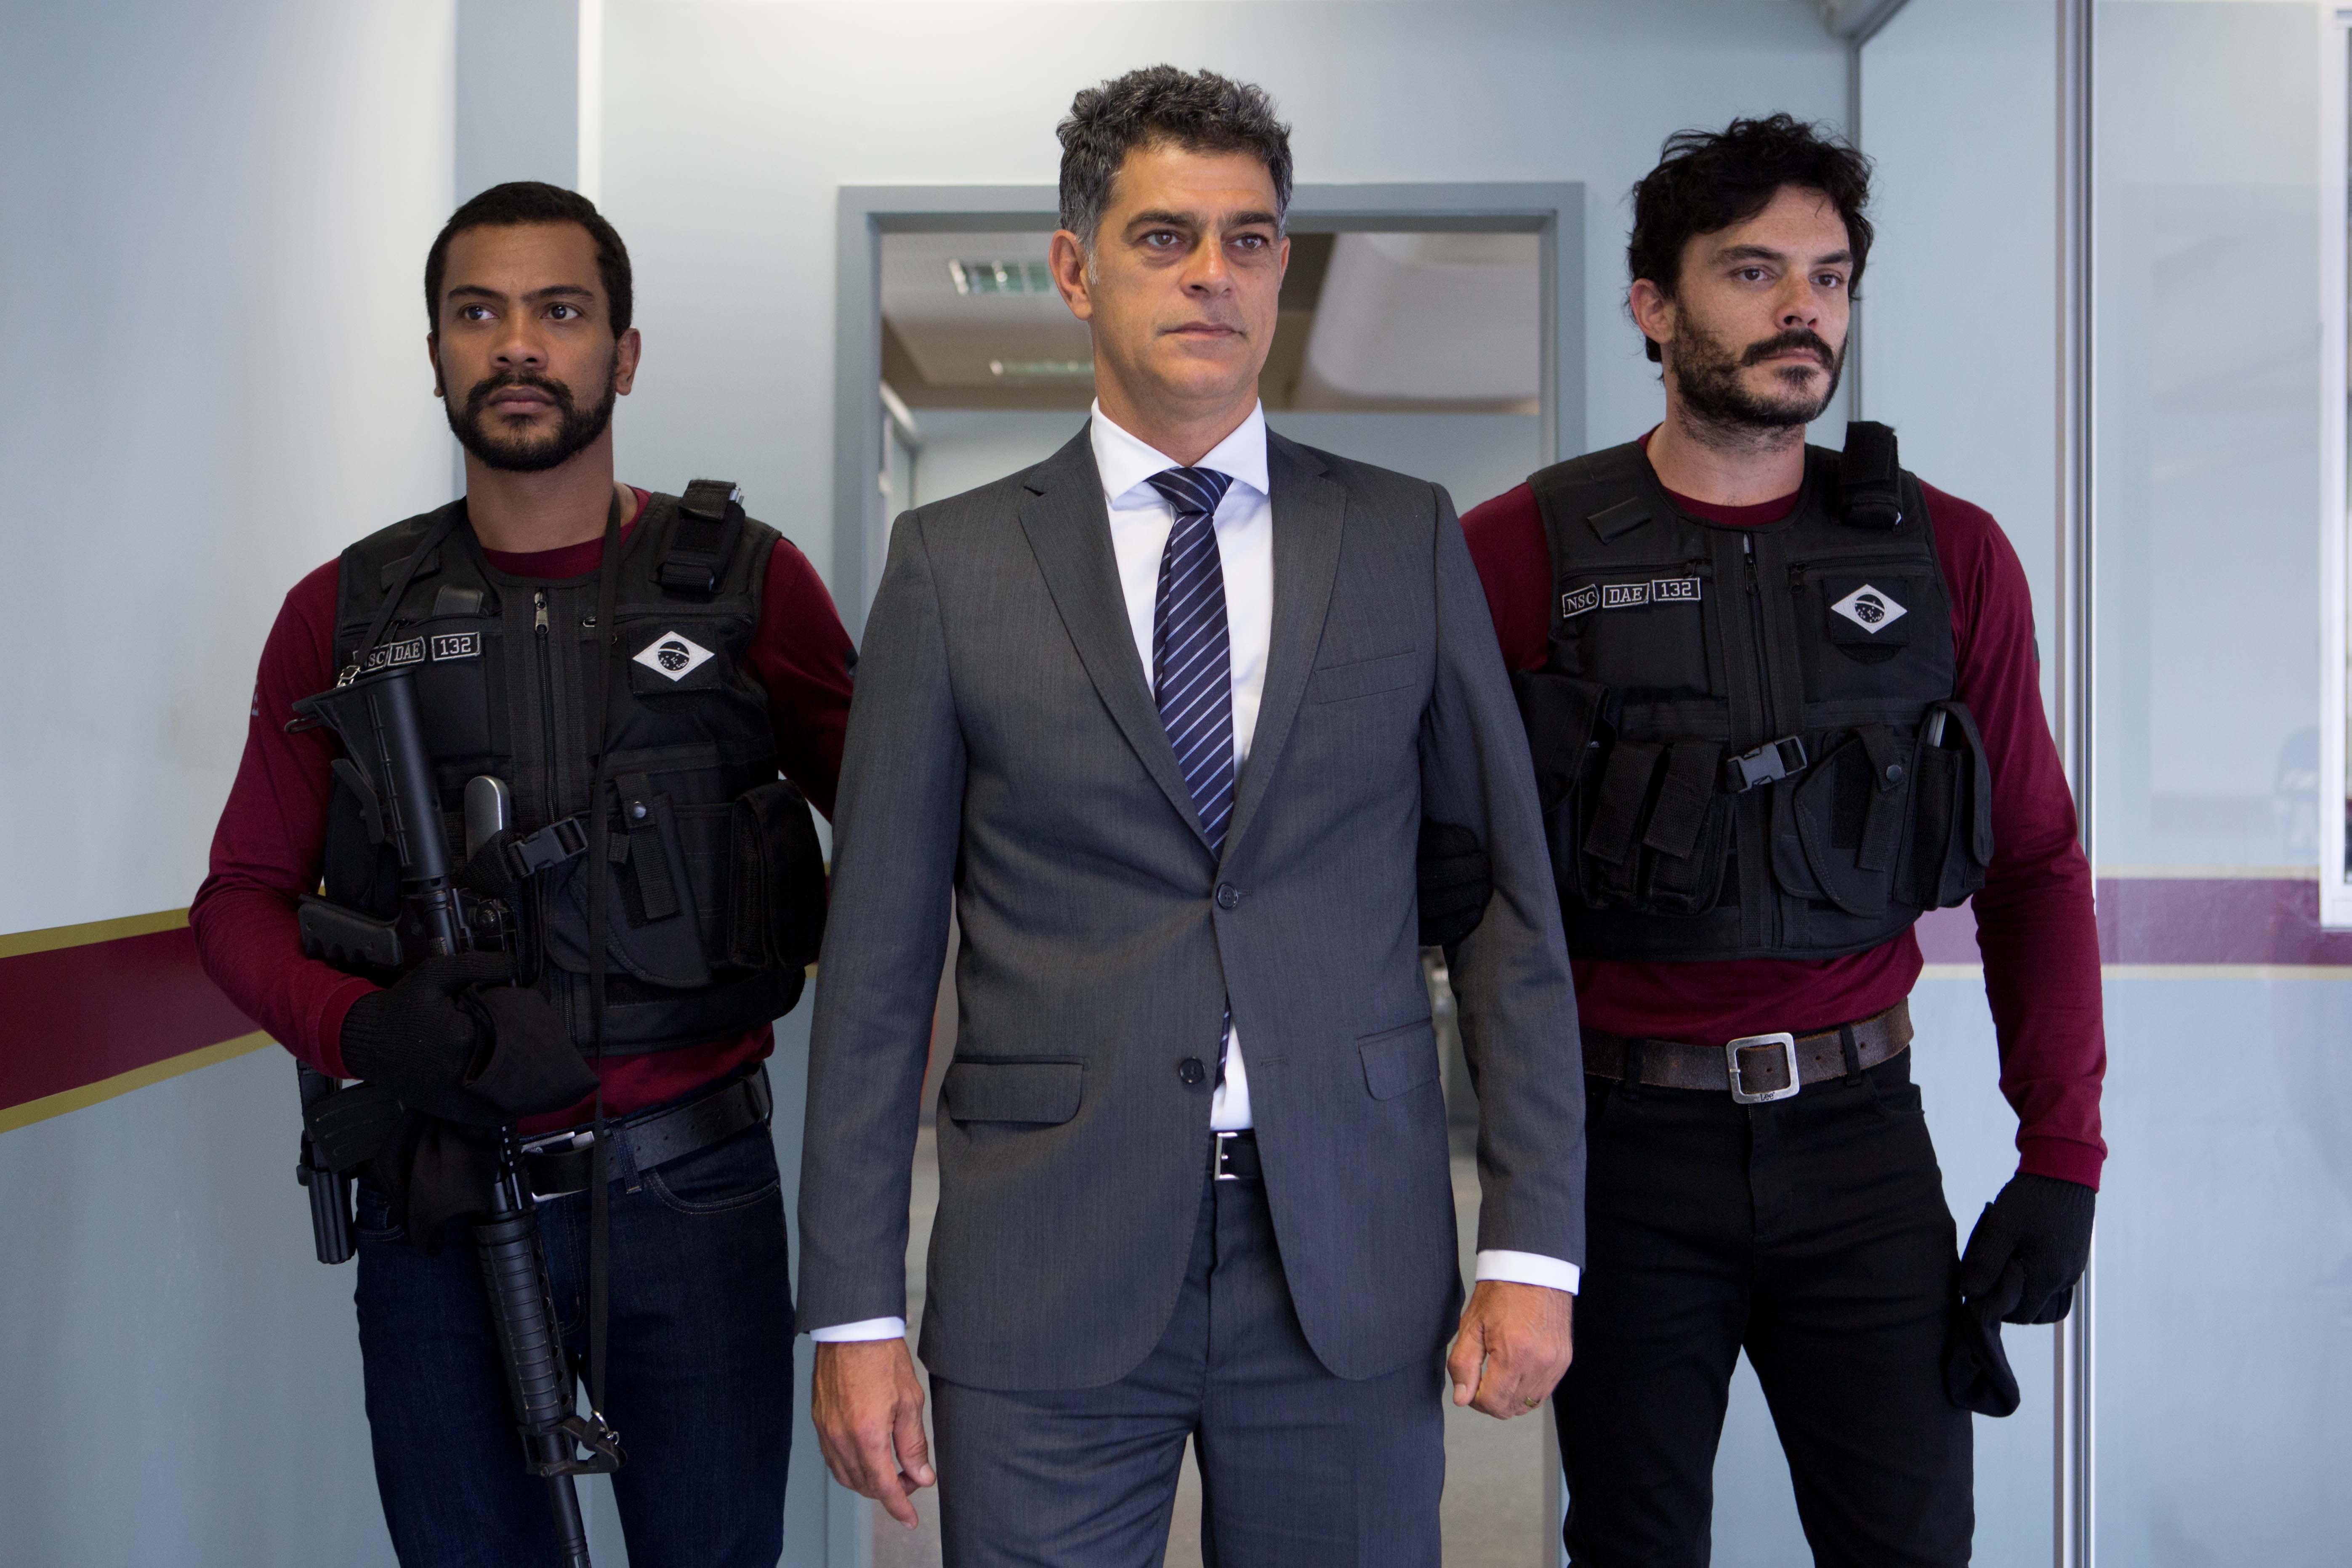 """Eduardo Moscovis interpreta governador corrupto em """"O Doutrinador"""" (Foto: Divulgação)"""